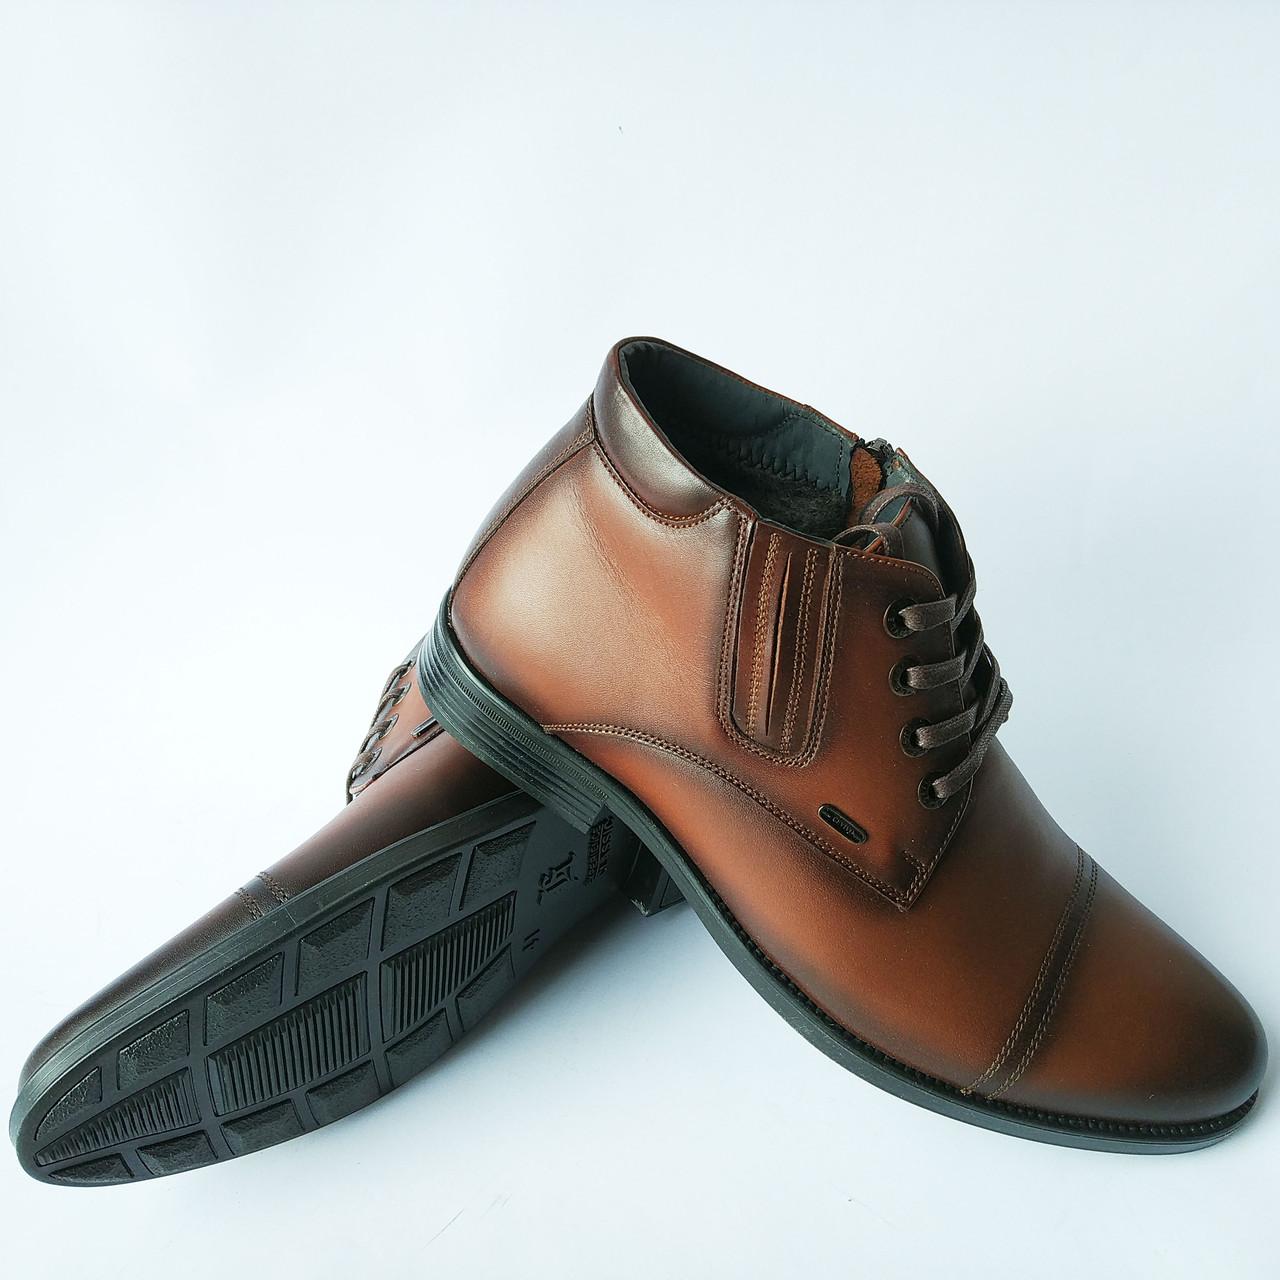 d0d43e4a6 Зимняя мужская обувь Харьков : классические кожаные ботинки, коричневого  цвета, на шерсти от фабрики